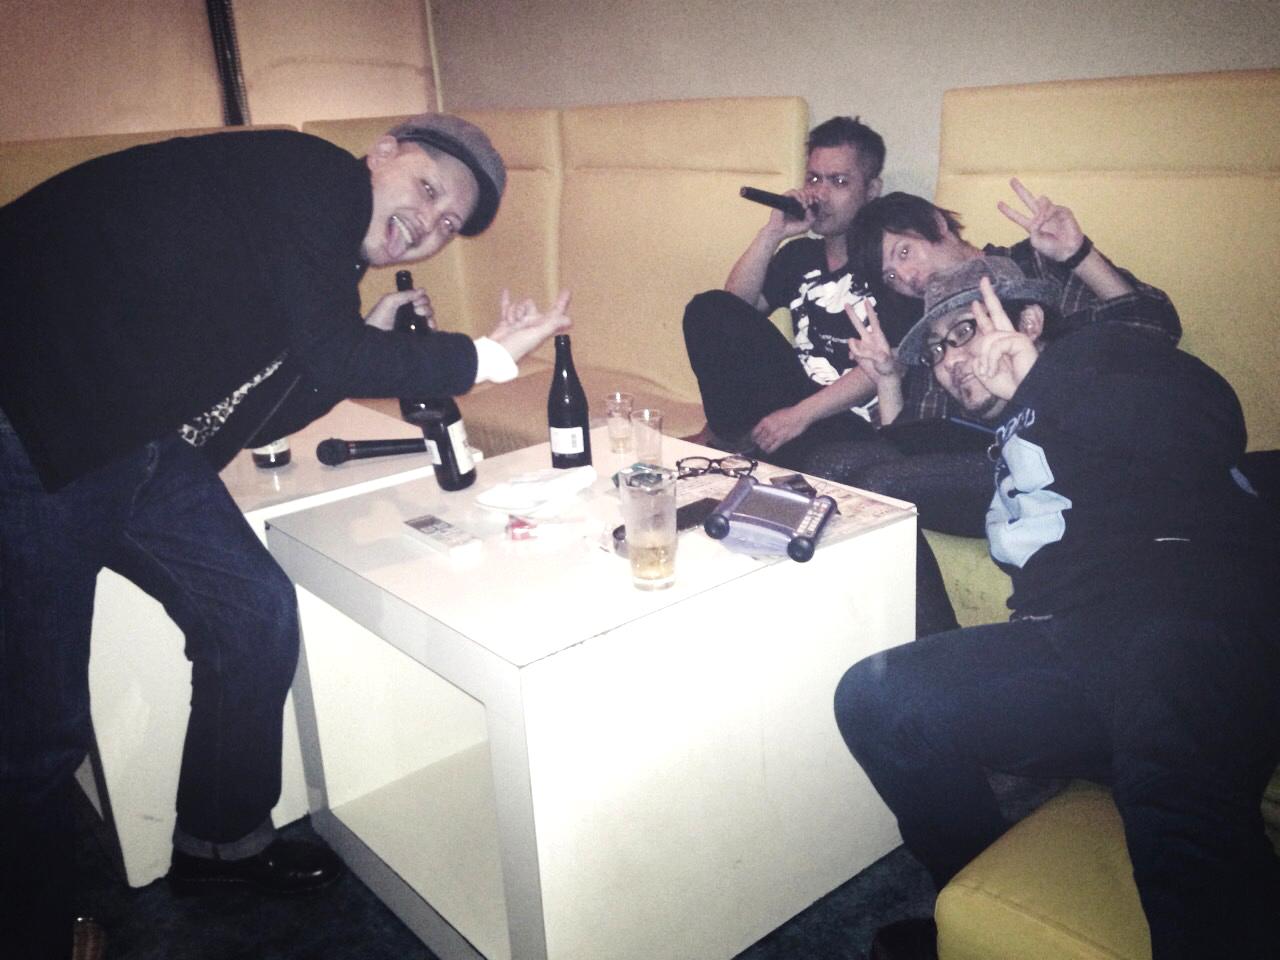 酔っぱらい4人組のカラオケナイト